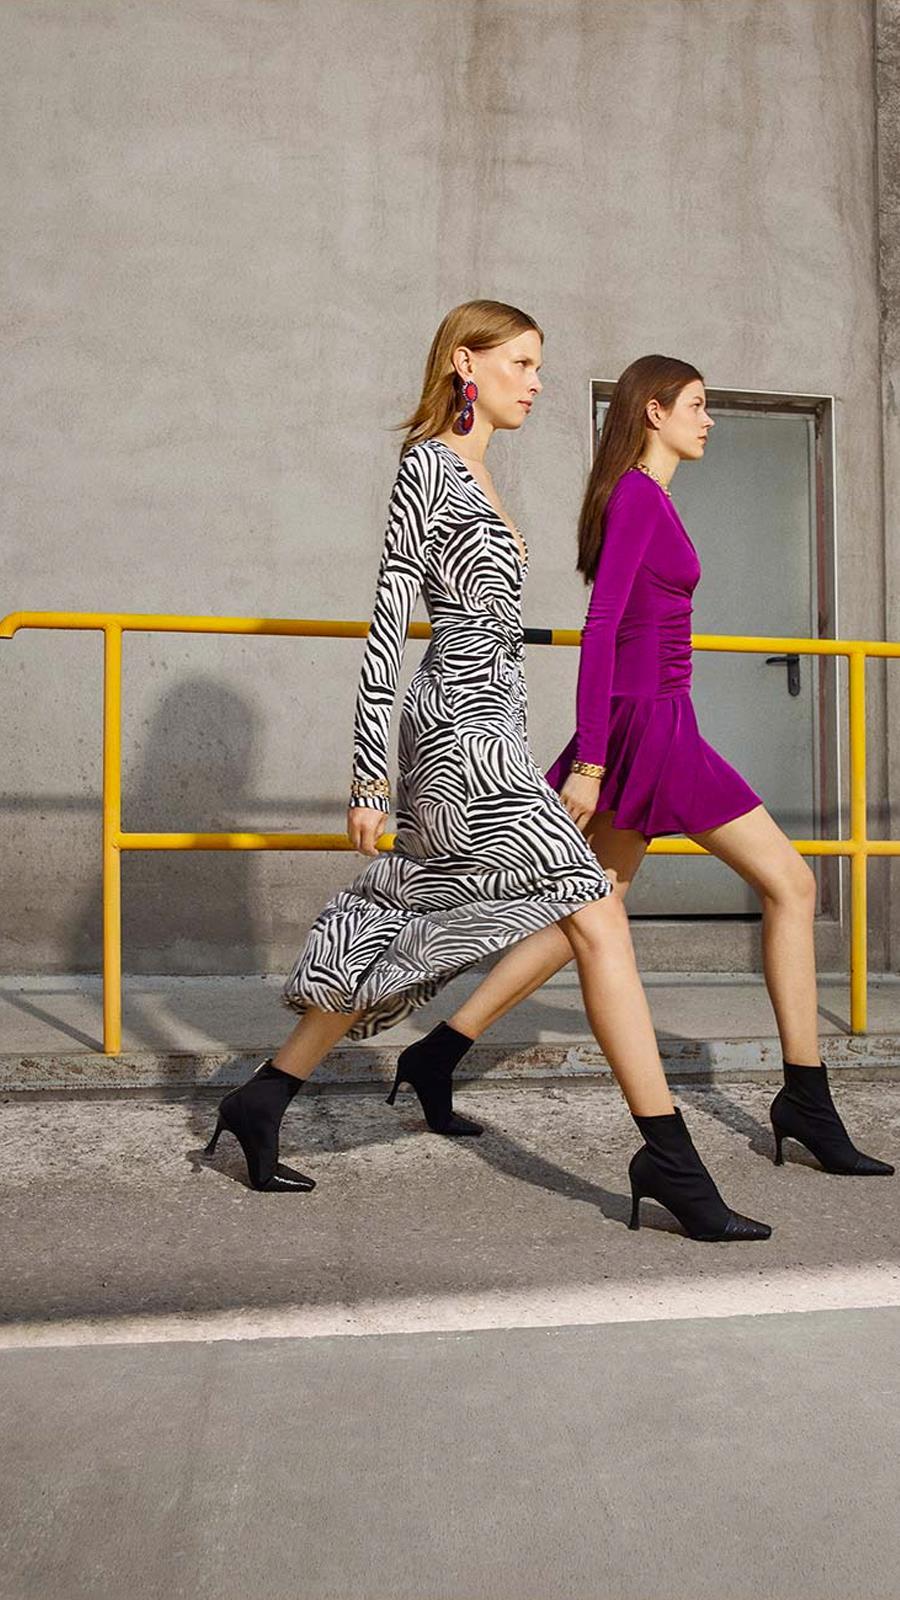 d86c185aeeee7 Vestidos de moda baratos del invierno 2019  los 11 modelos más ...